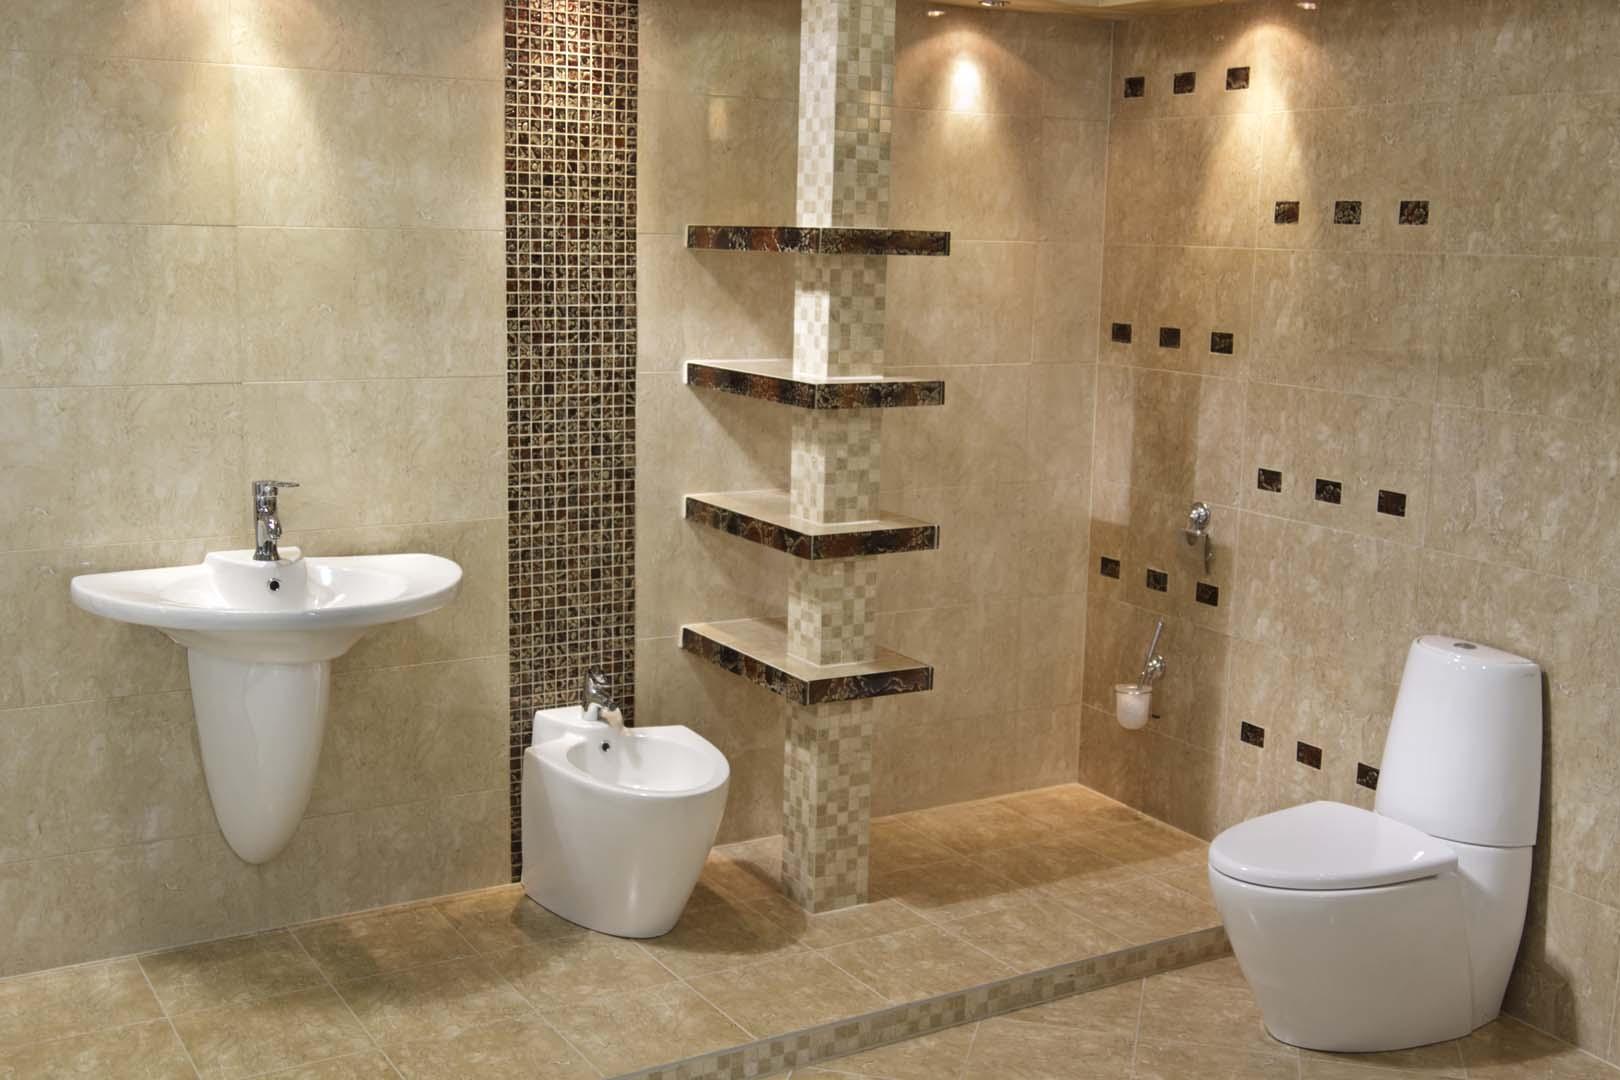 toto toilet seats